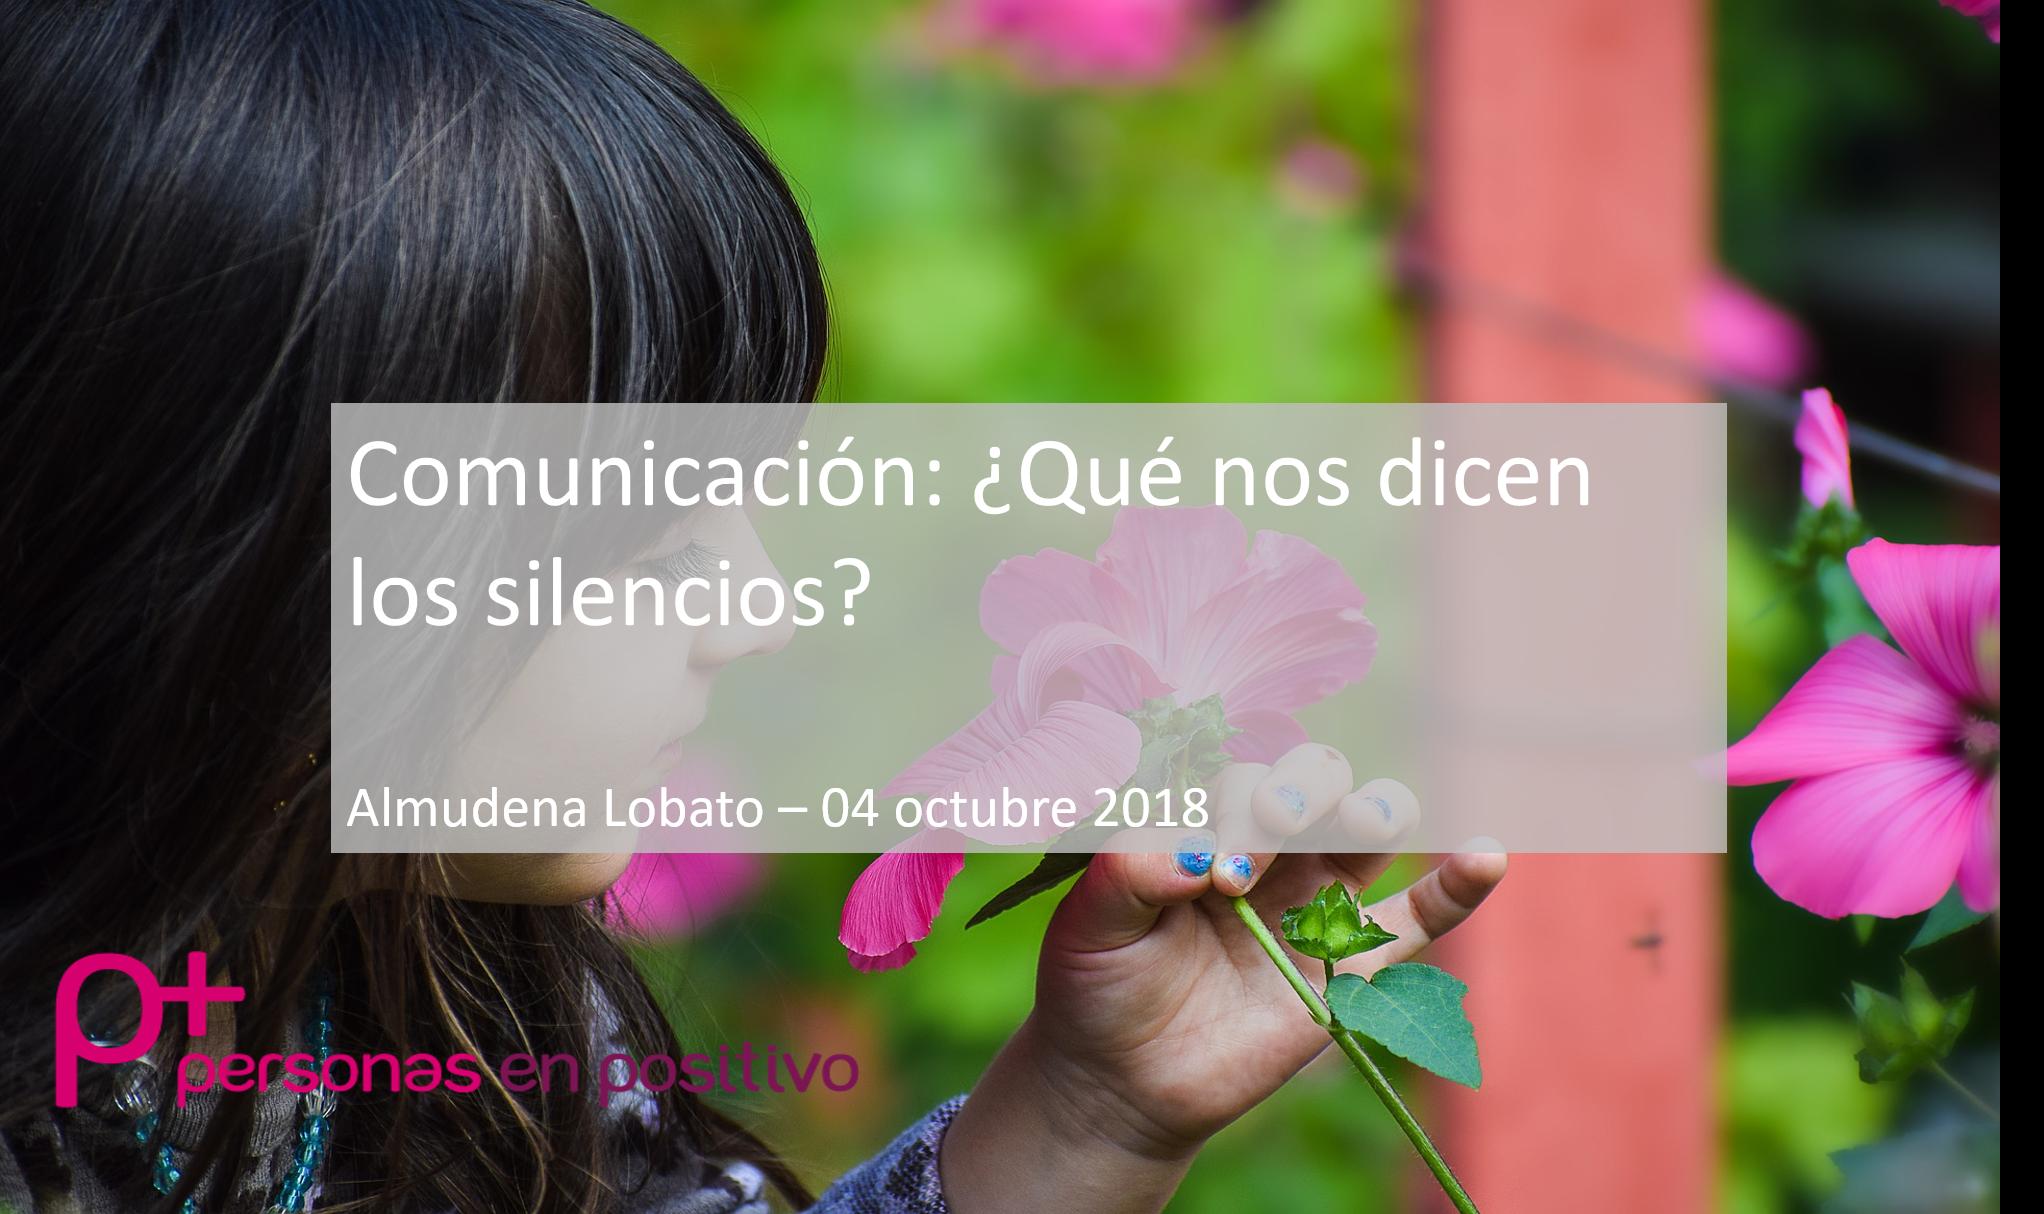 Comunicación: ¿Qué nos dicen los silencios?